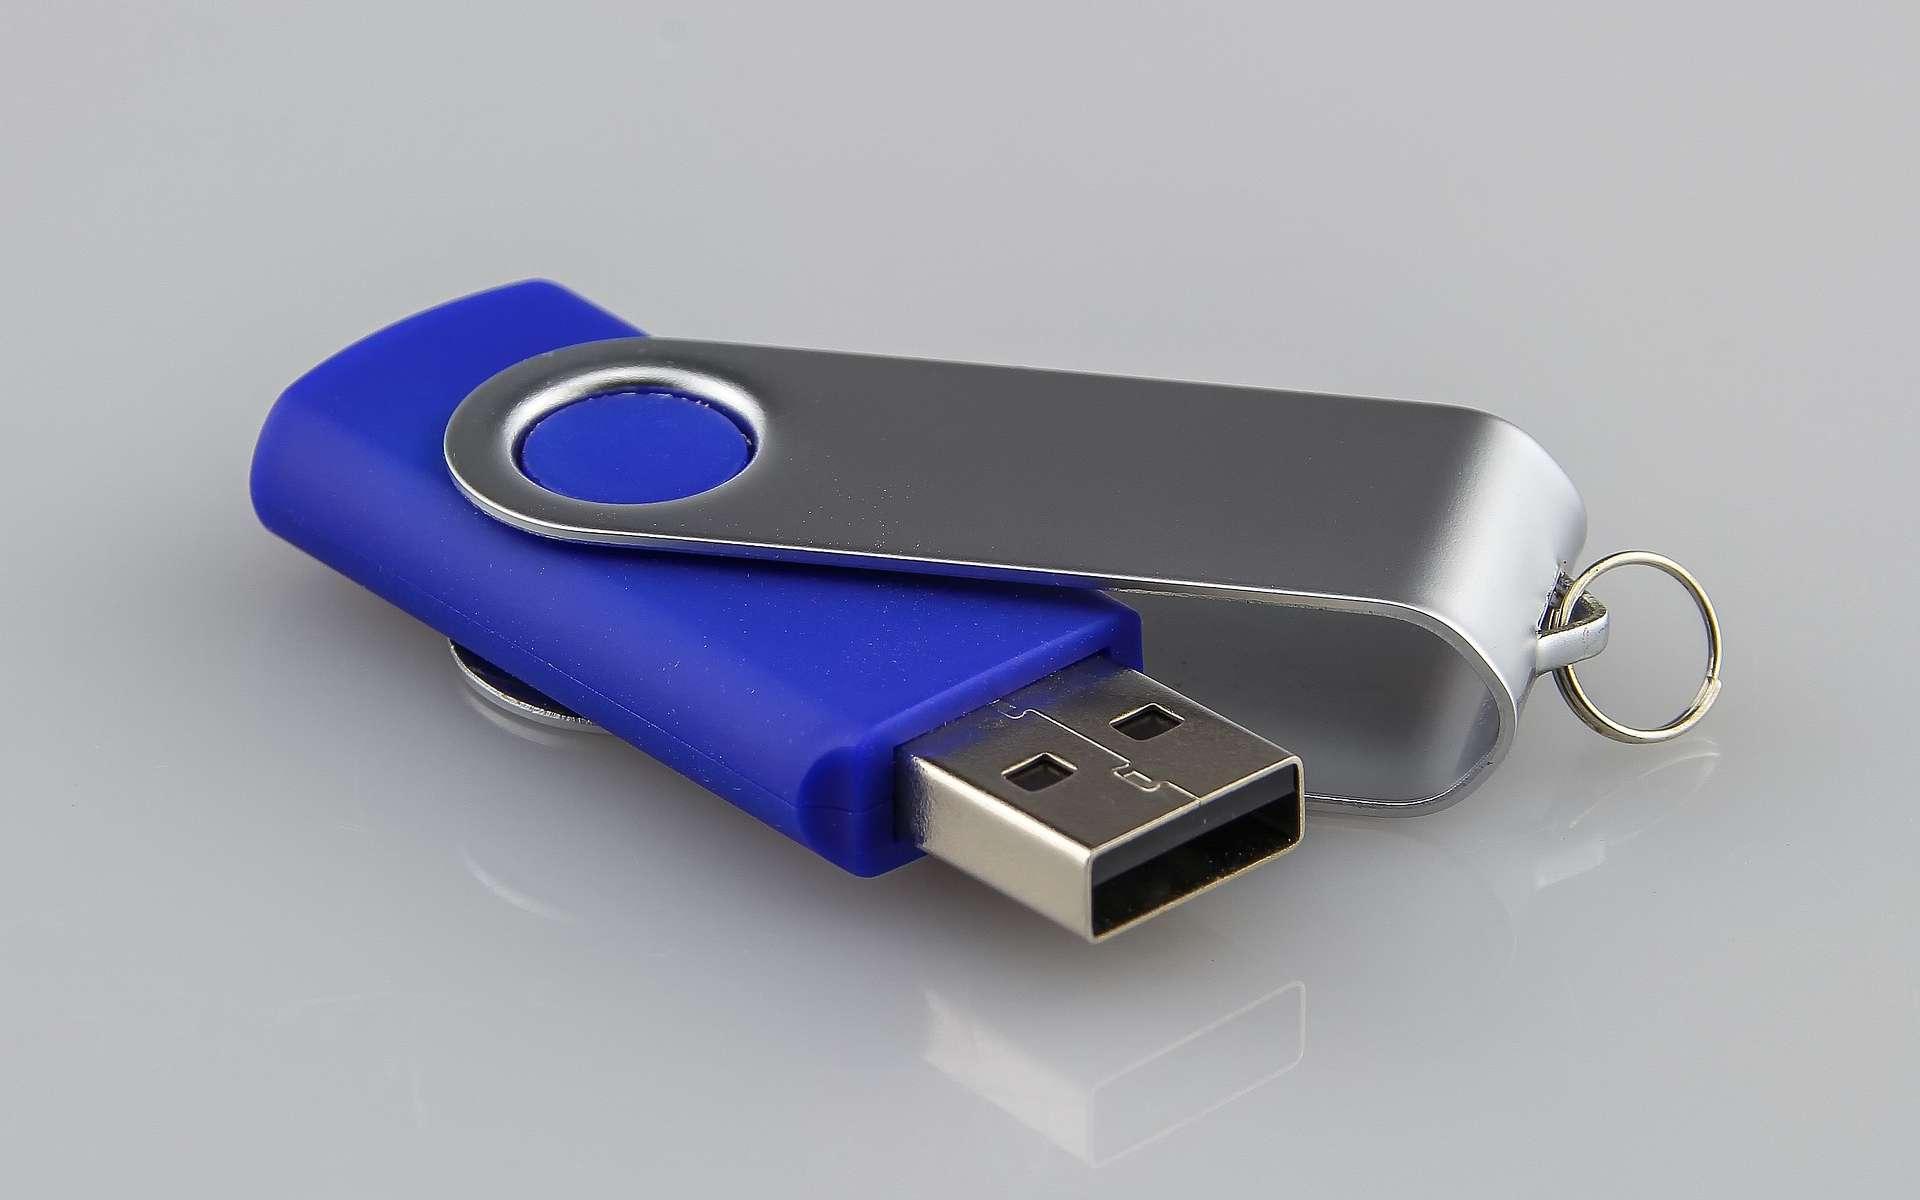 La suppression de données sur une clé USB peut n'être qu'apparente et il faut utiliser les bons logiciels pour effacer correctement les fichiers. © Analogicus, Pixabay